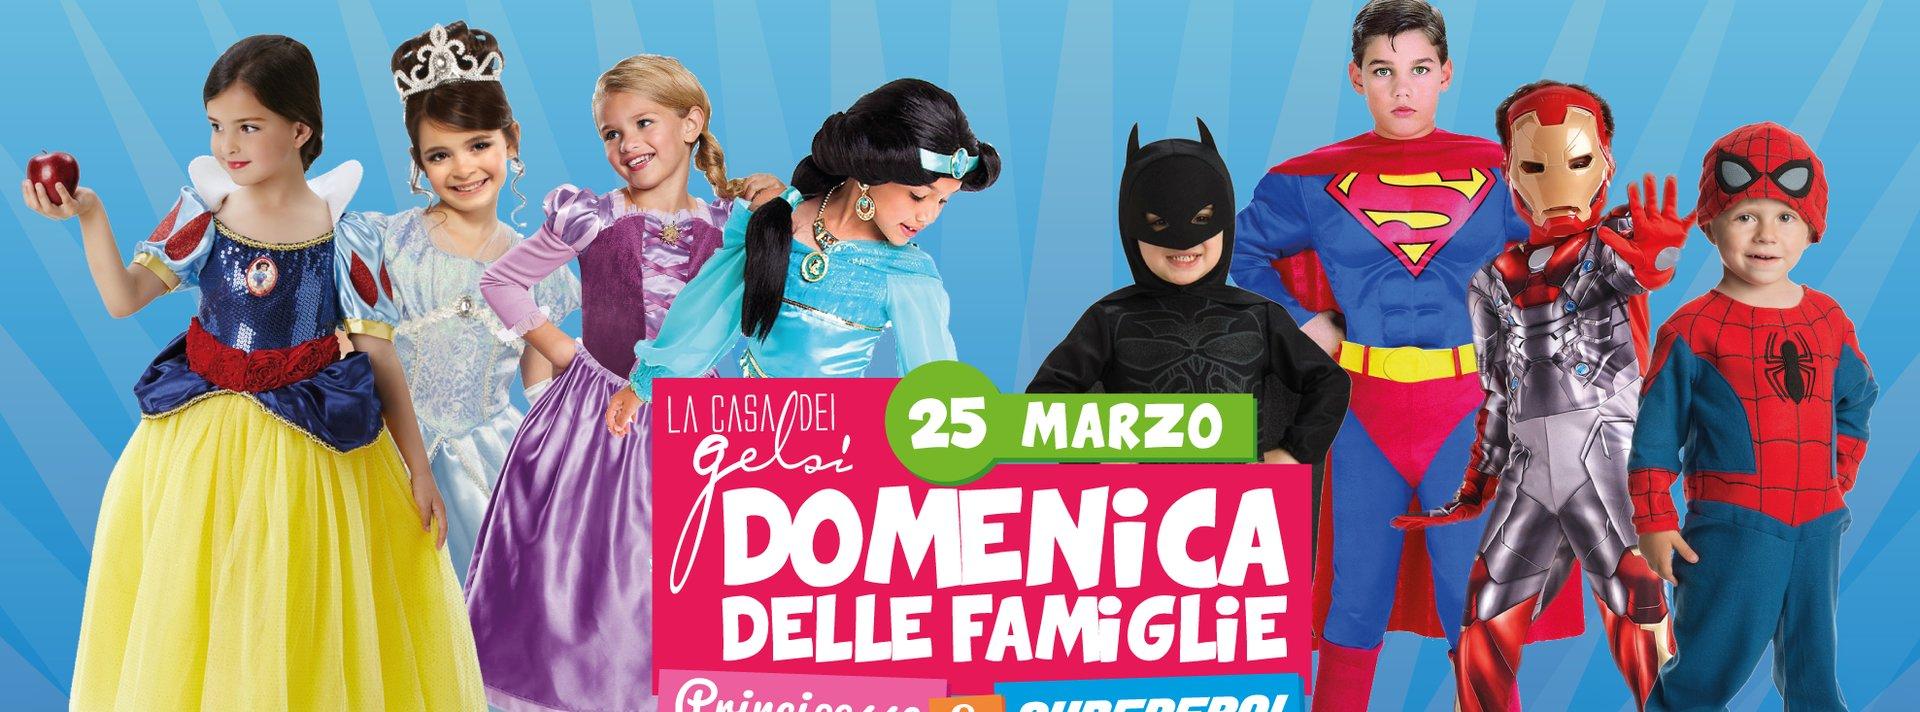 Supereroi e principesse - Domenica delle famiglie